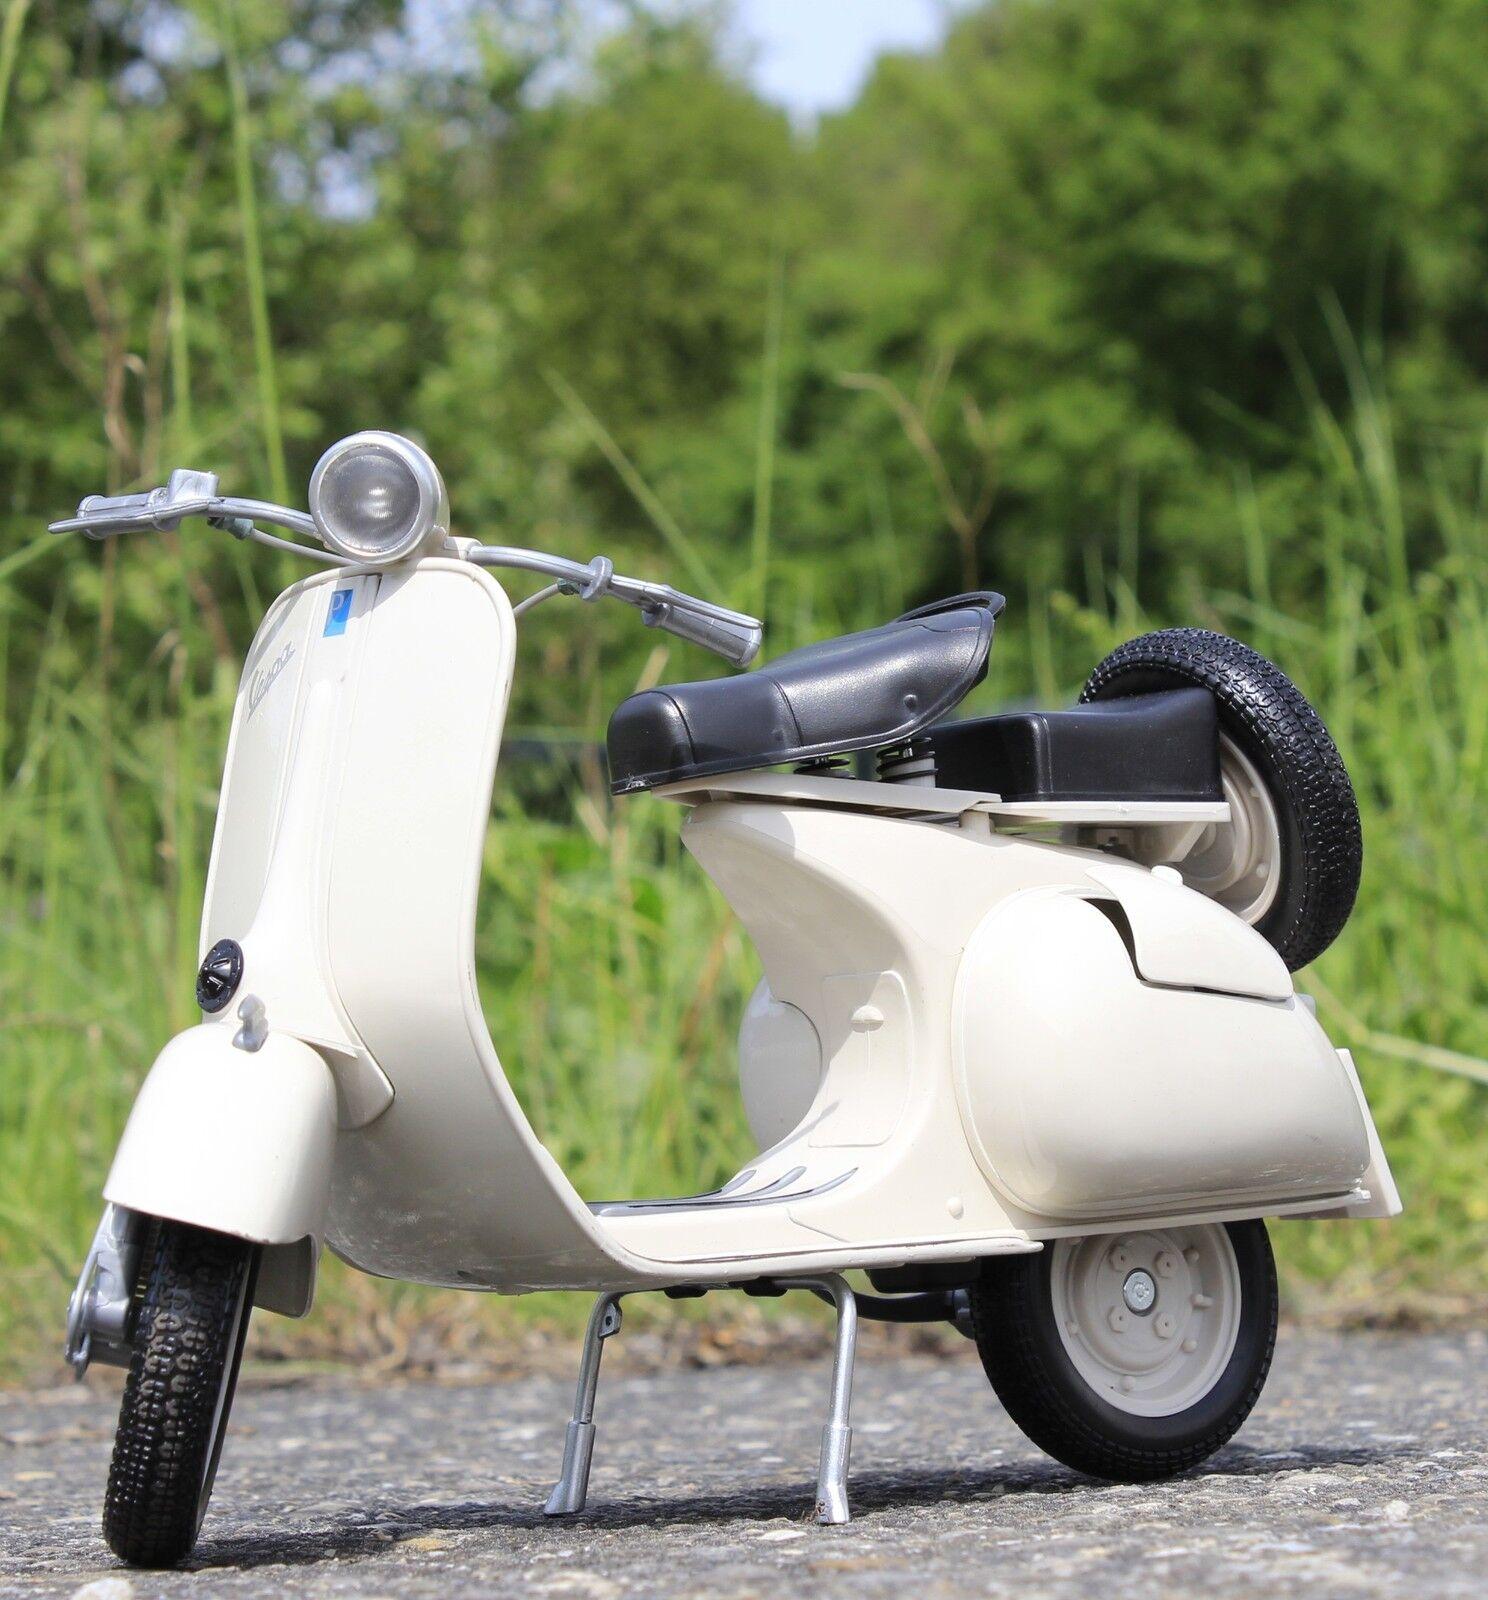 Stand-modèle-moto piaggio vespa 150 vl1t année-modèle 1955 longueur 30cm 49273